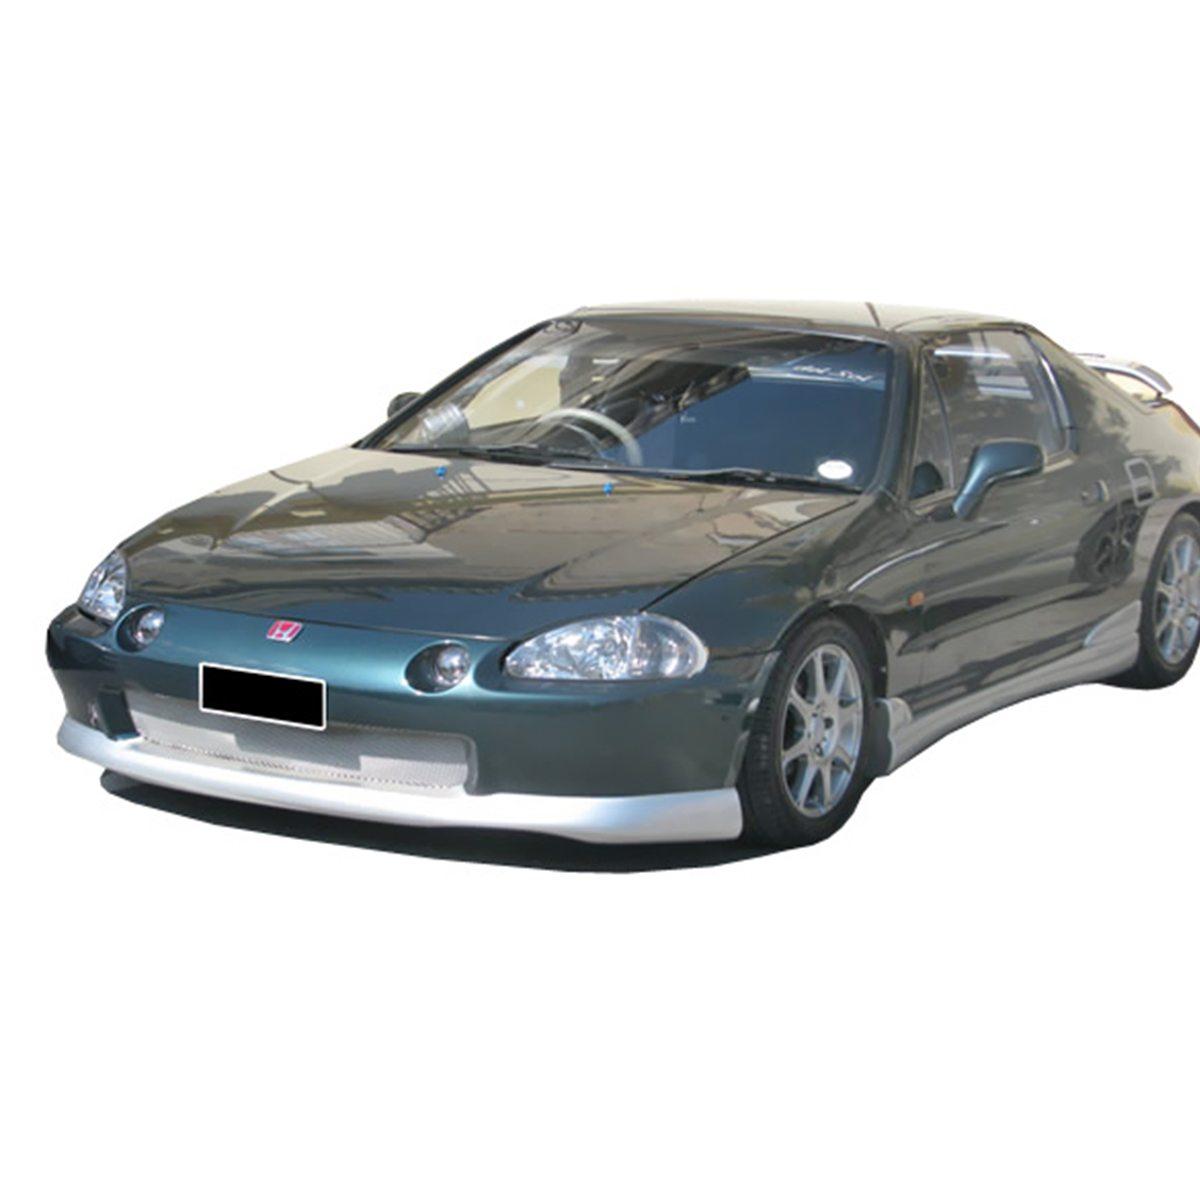 Honda-CRX-Del-Sol-Frt-SPR001